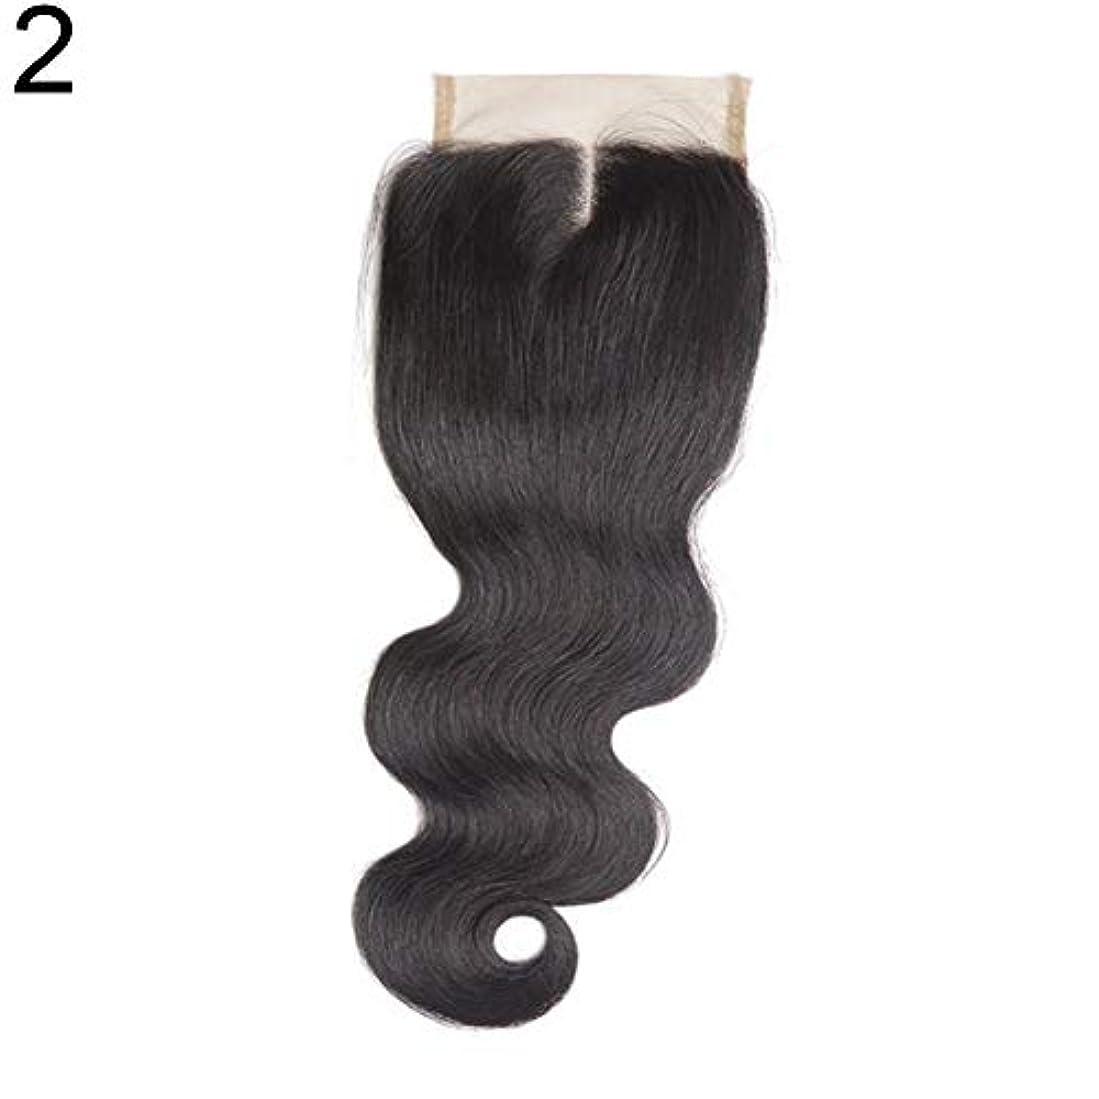 ネットつらいますますslQinjiansav女性ウィッグ修理ツールブラジルのミドル/フリー/3部人間の髪のレース閉鎖ウィッグ黒ヘアピース